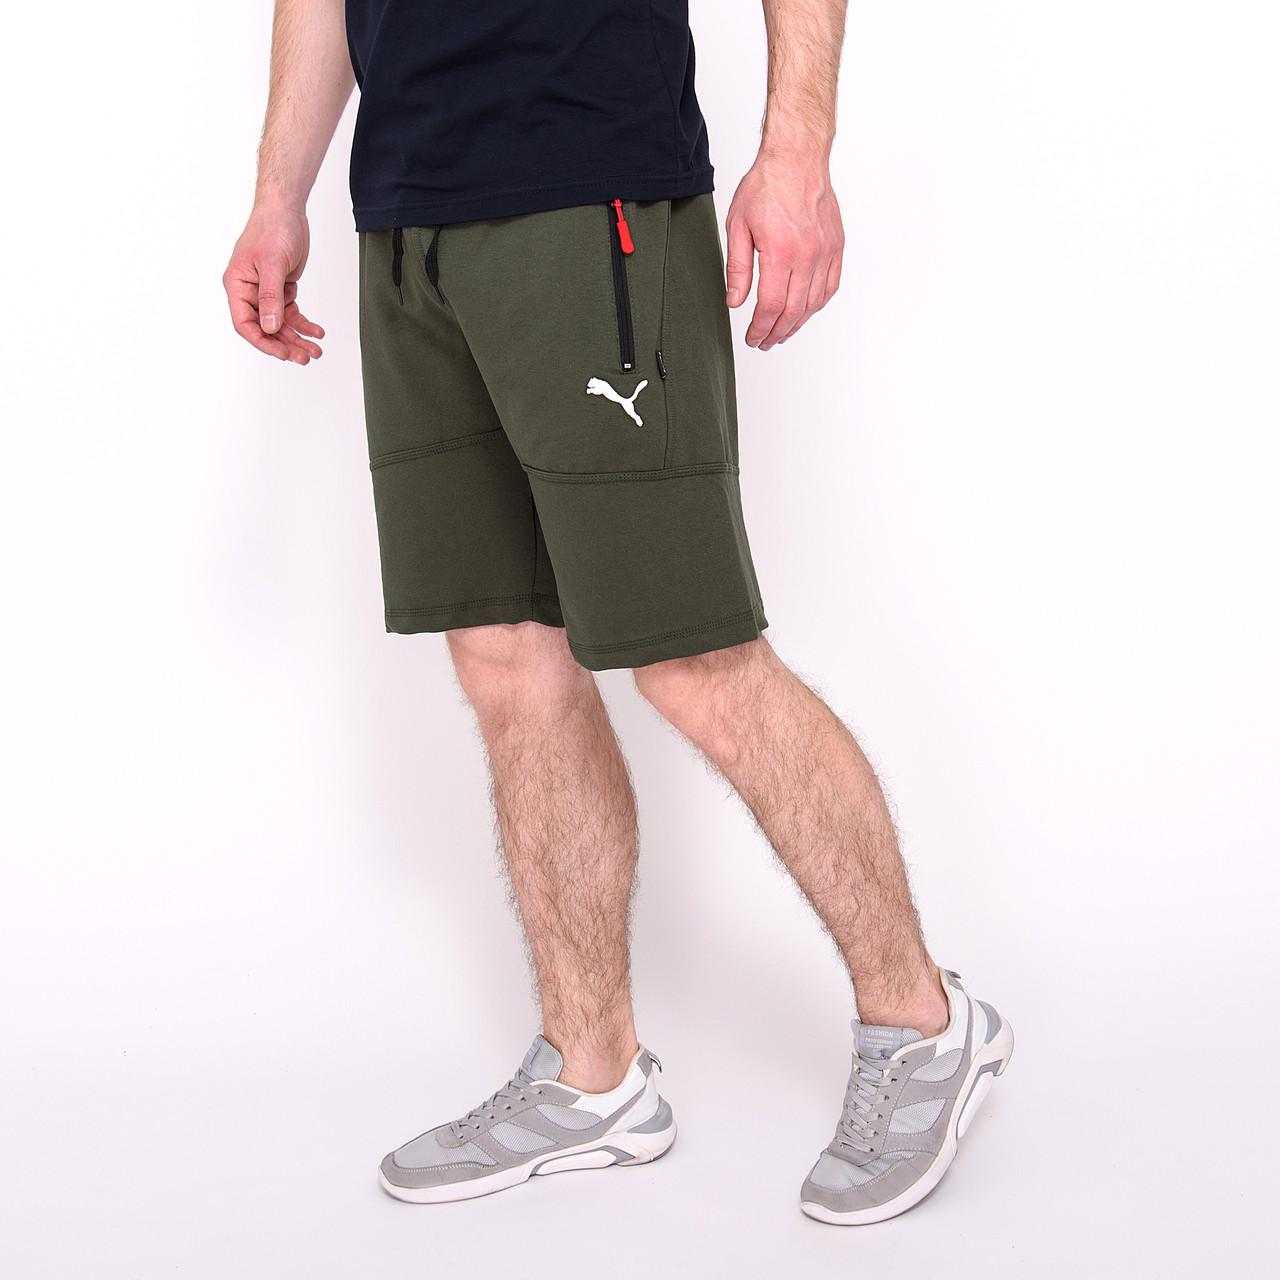 Чоловічі трикотажні шорти PUMA, кольору хакі.